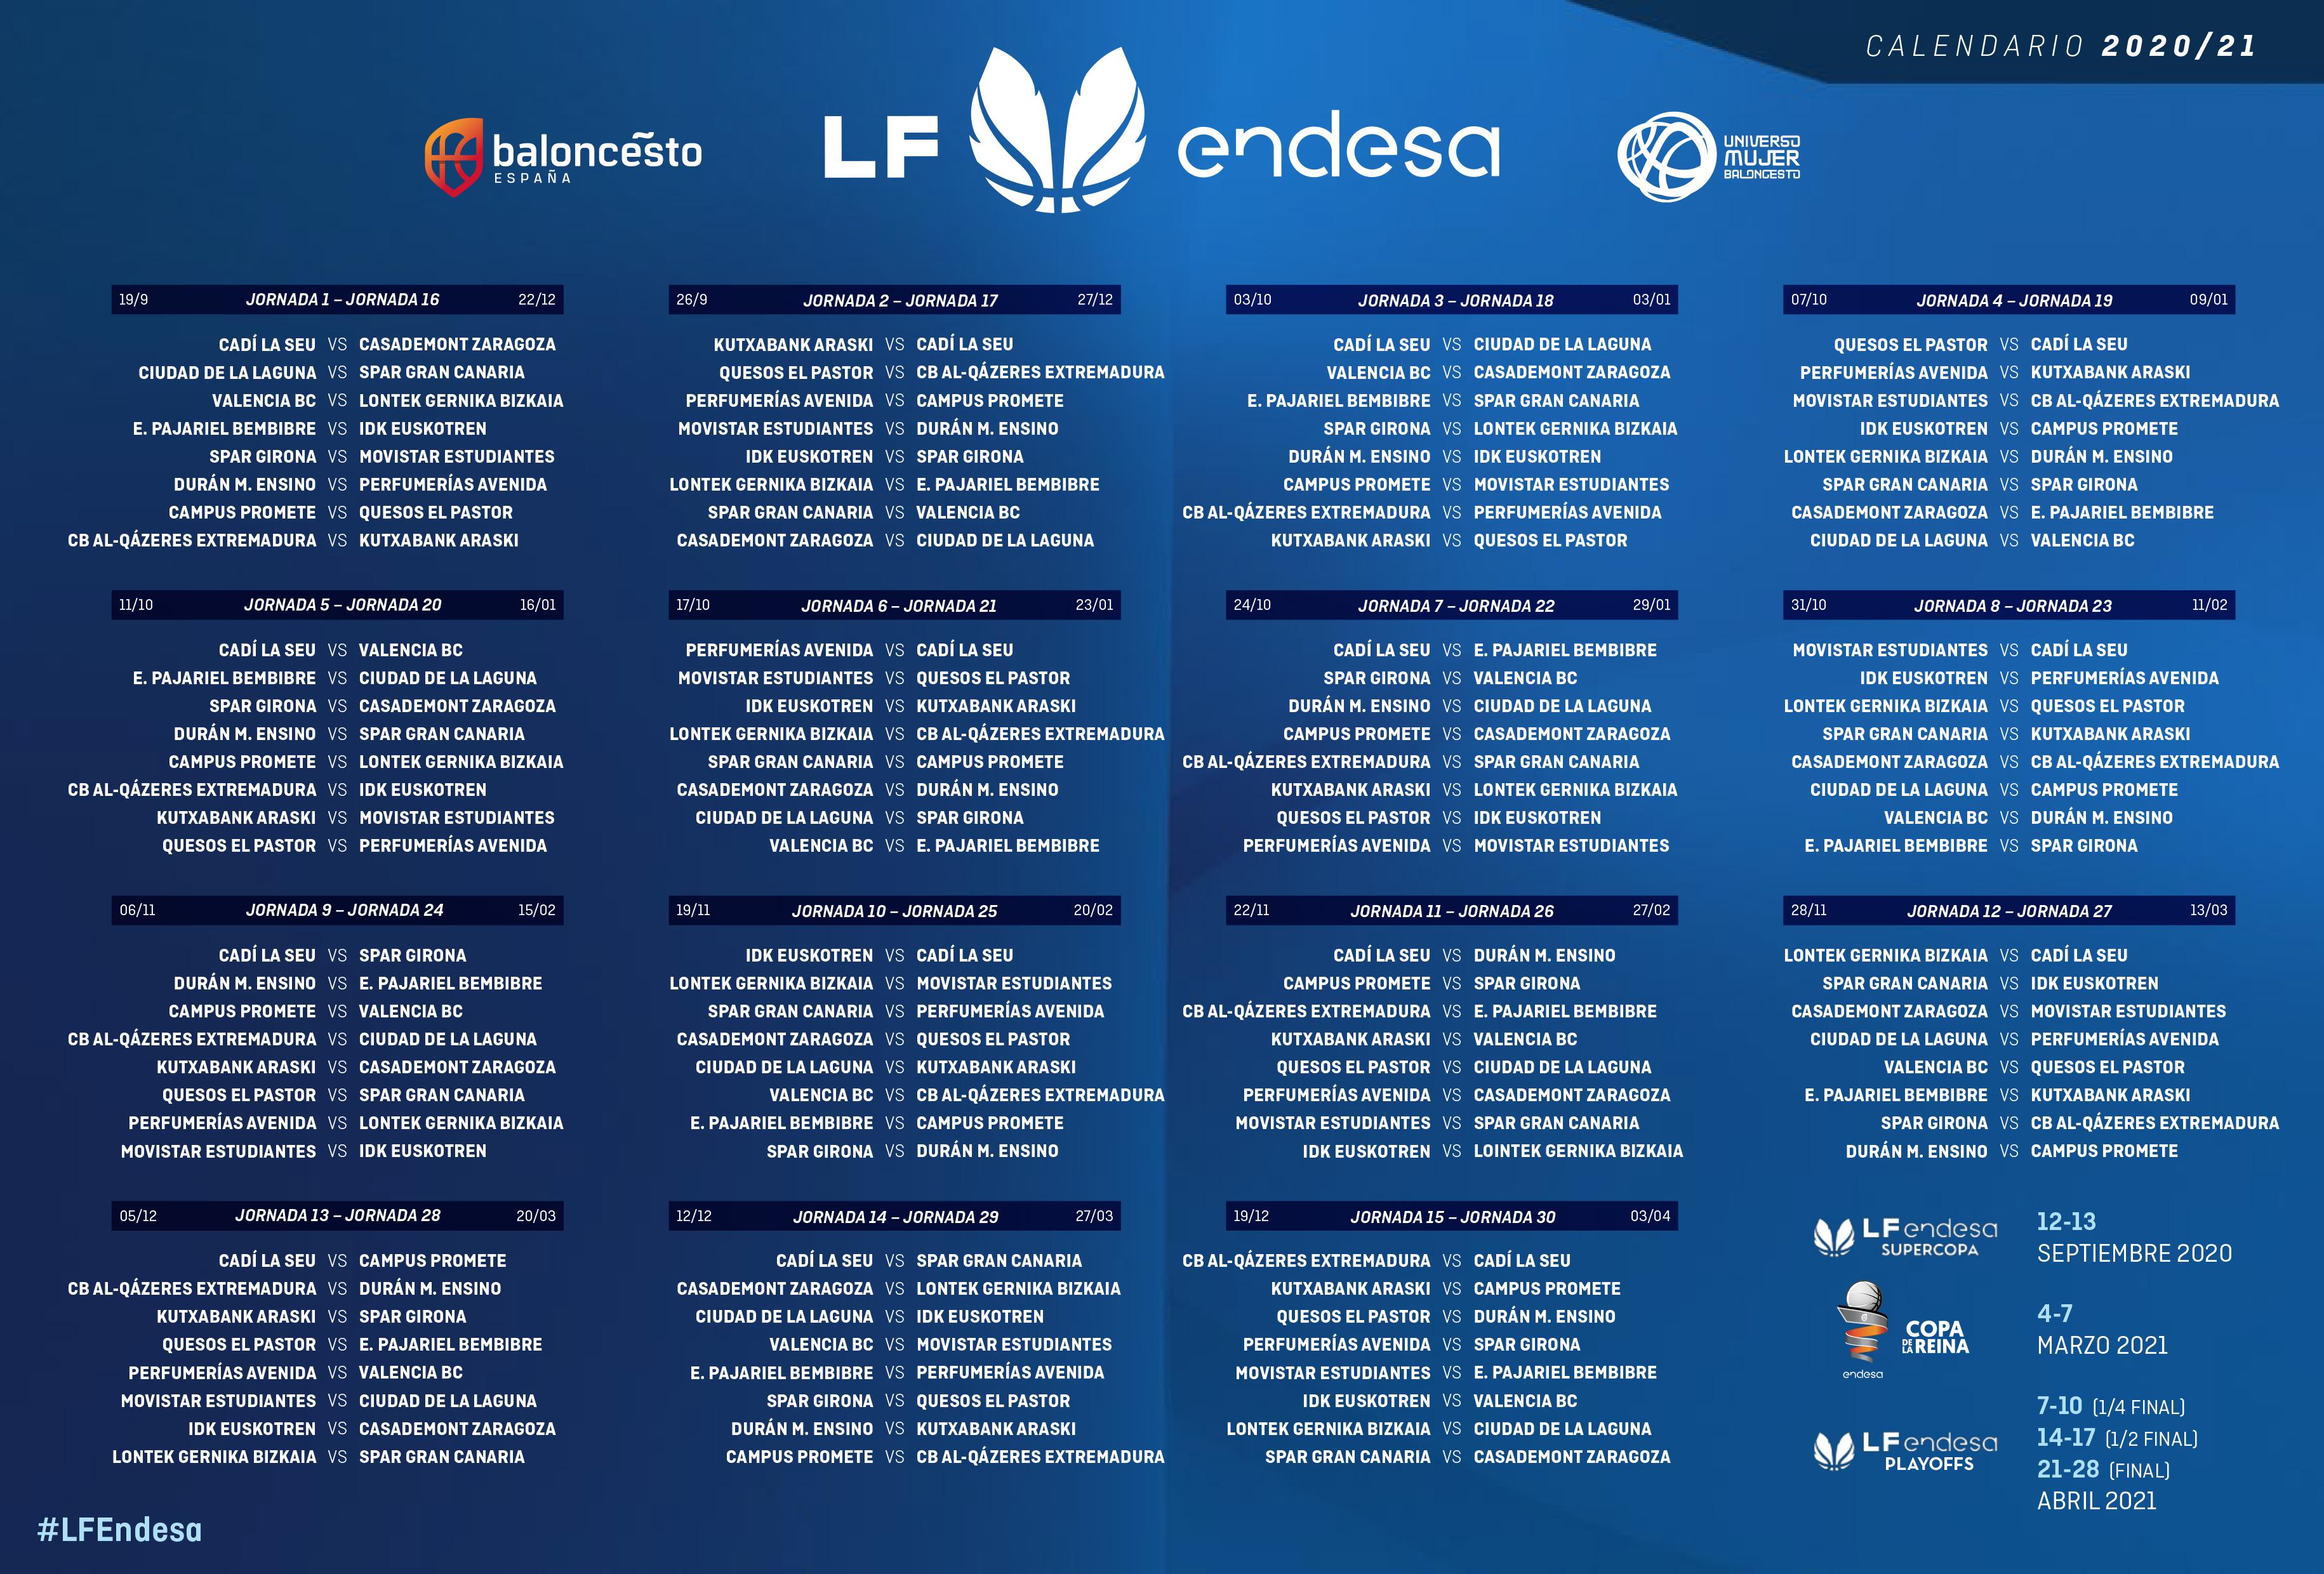 Casademont Zaragoza descubre el calendario de la Liga Femenina